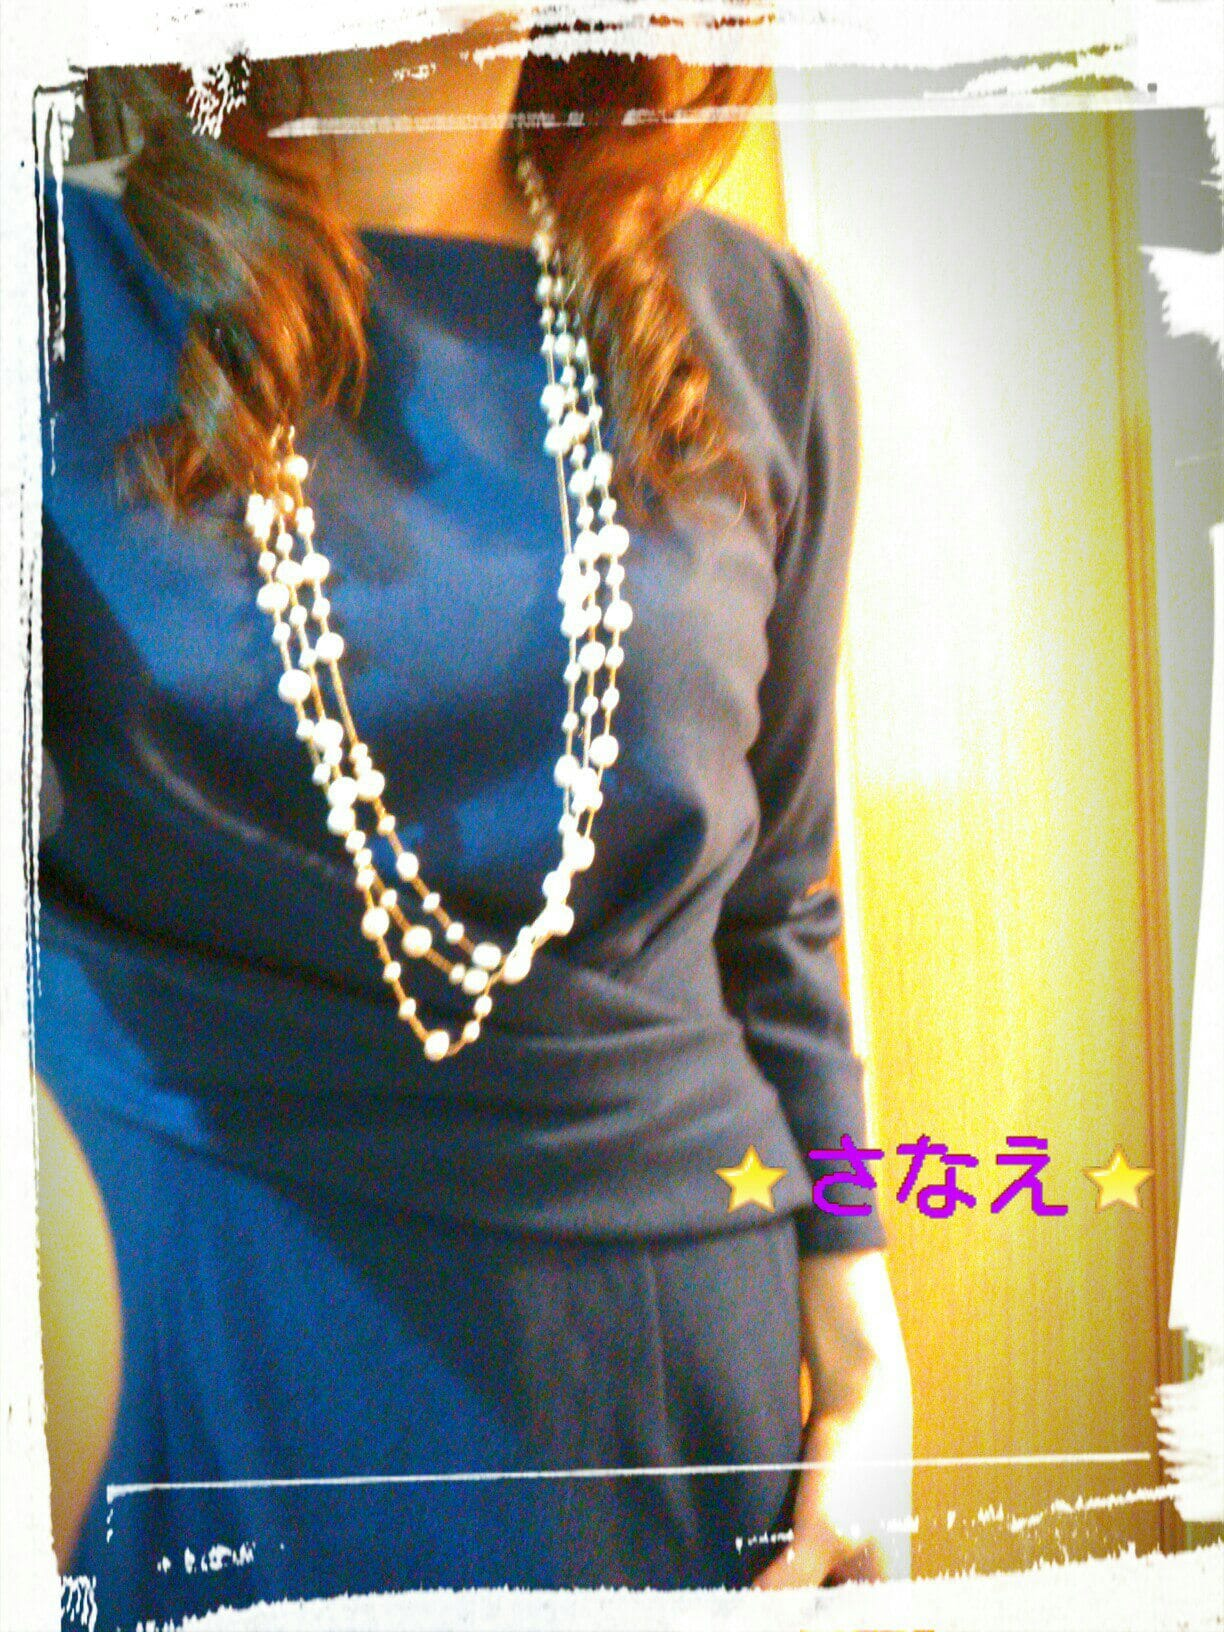 「出勤しました♪」03/16(03/16) 18:49 | 和田 早苗の写メ・風俗動画